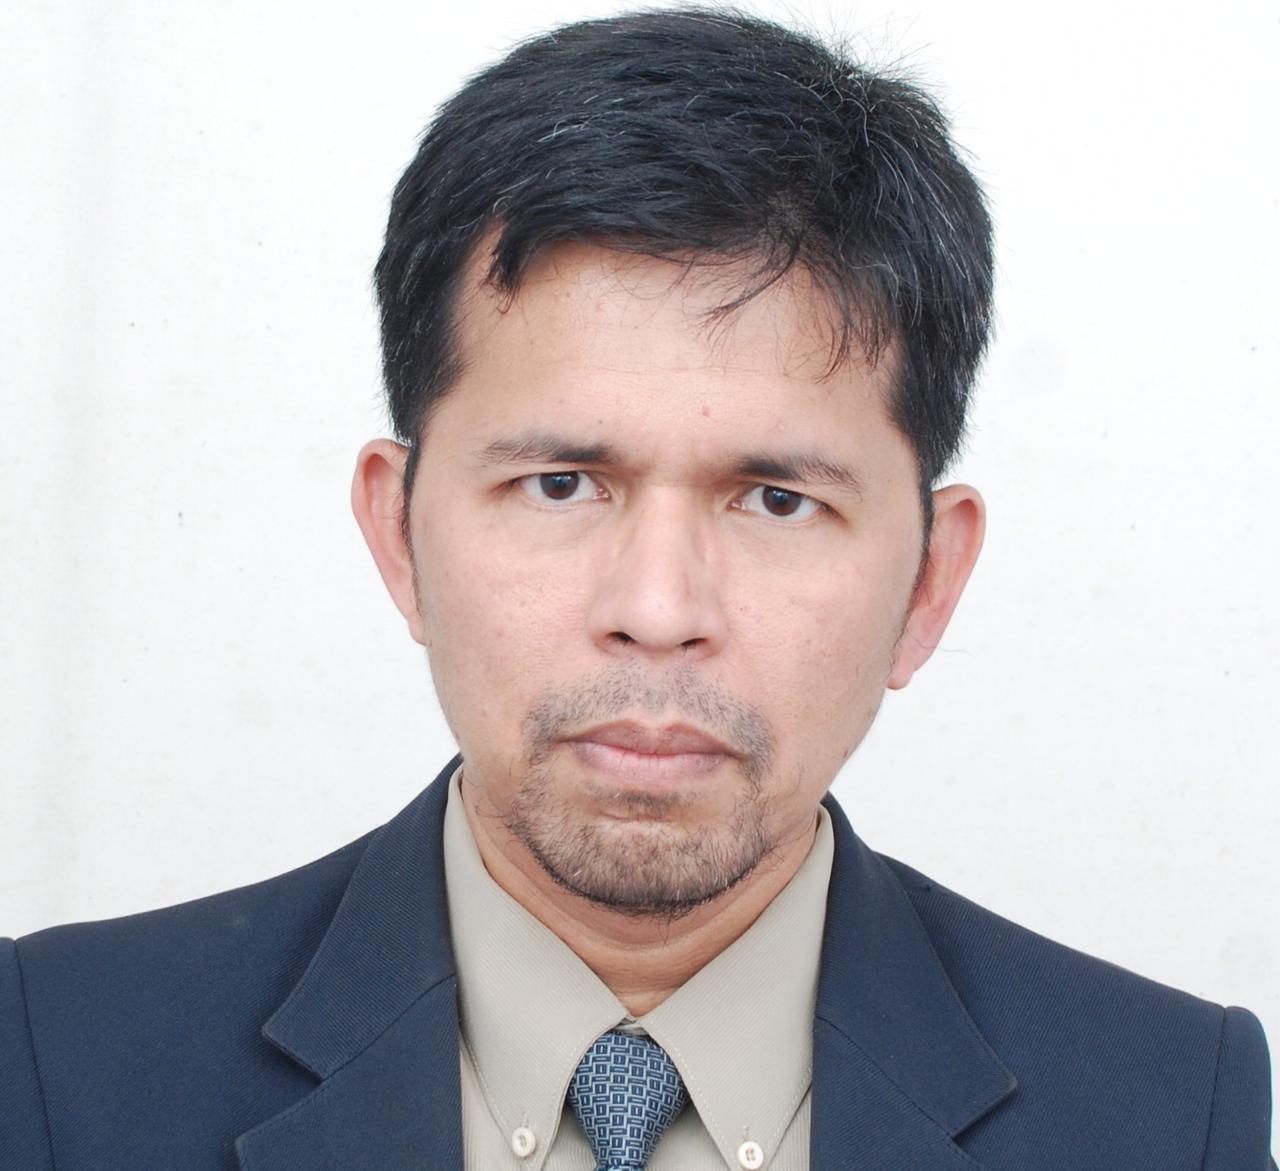 Prof. Rifki Ismail, S.E., M.A., Ph.D